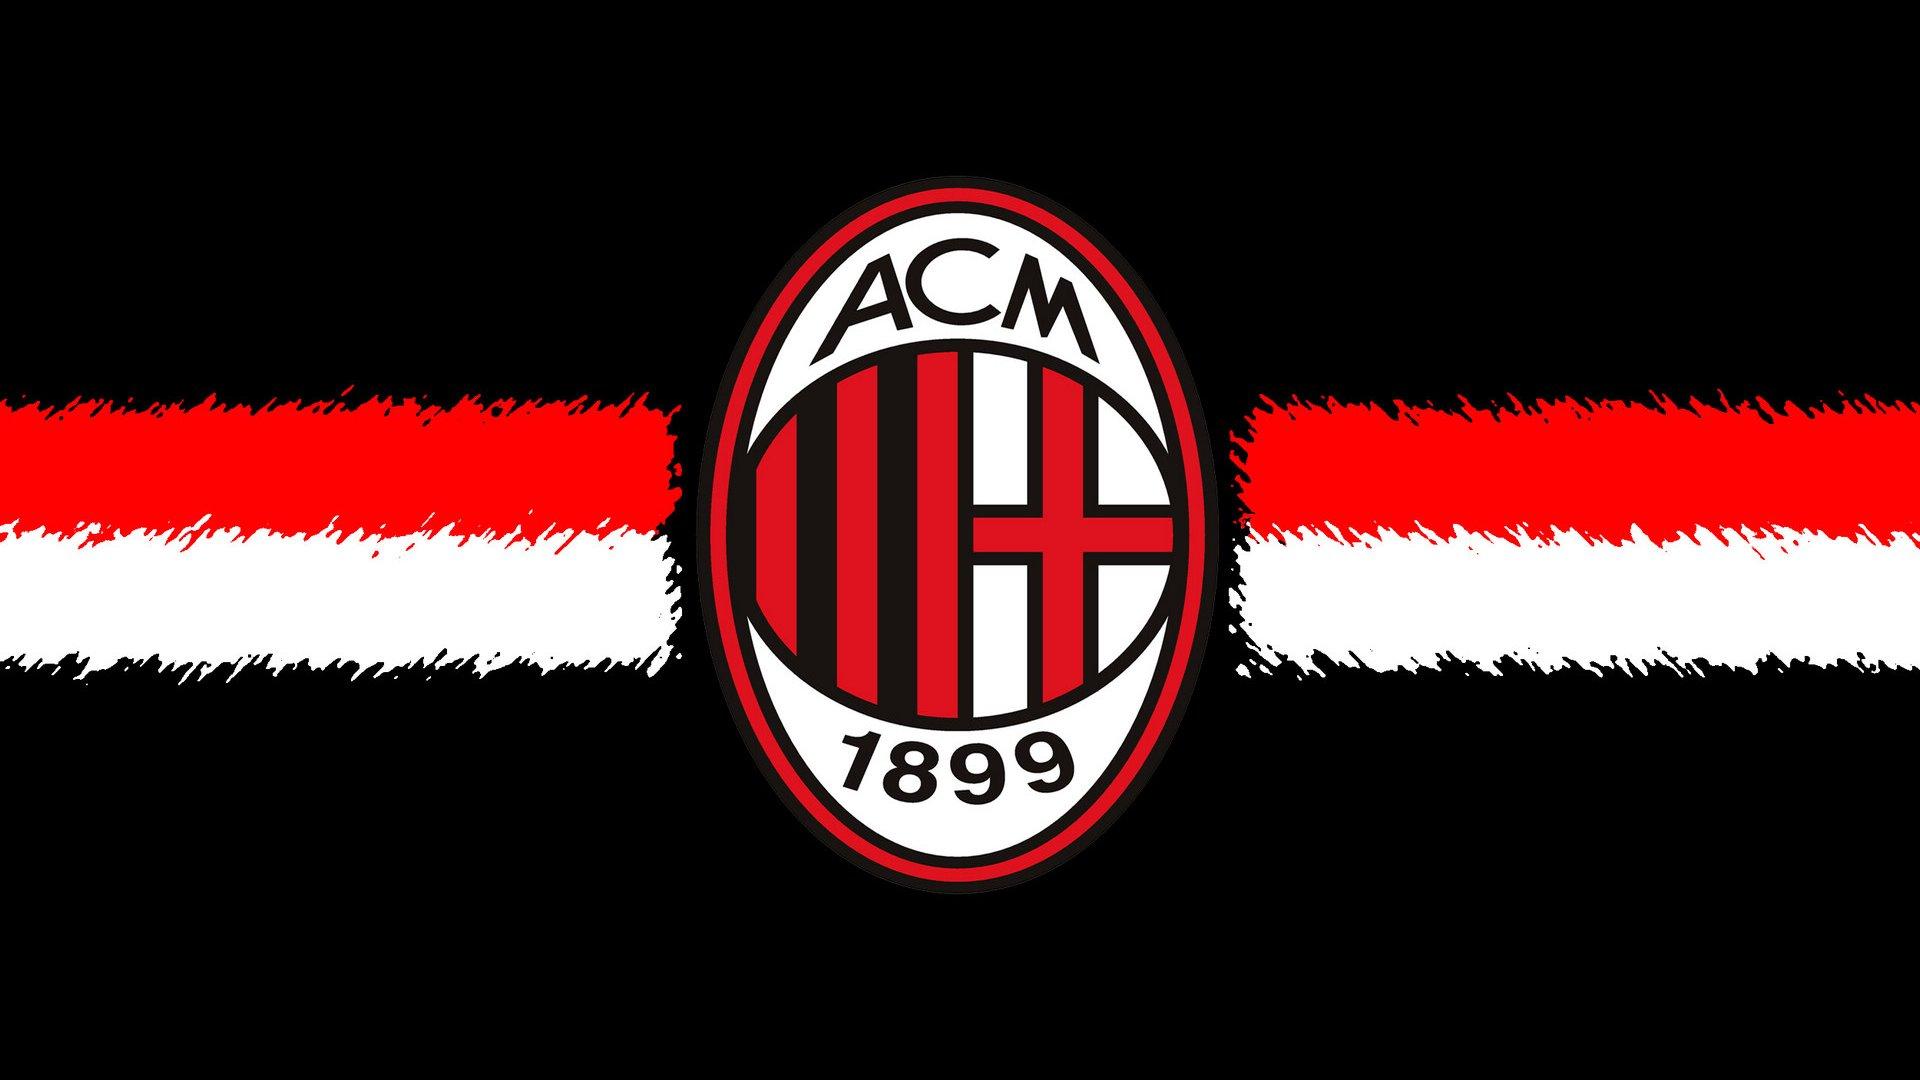 [48+] Ac Milan Logo Wallpaper 2015 on WallpaperSafari